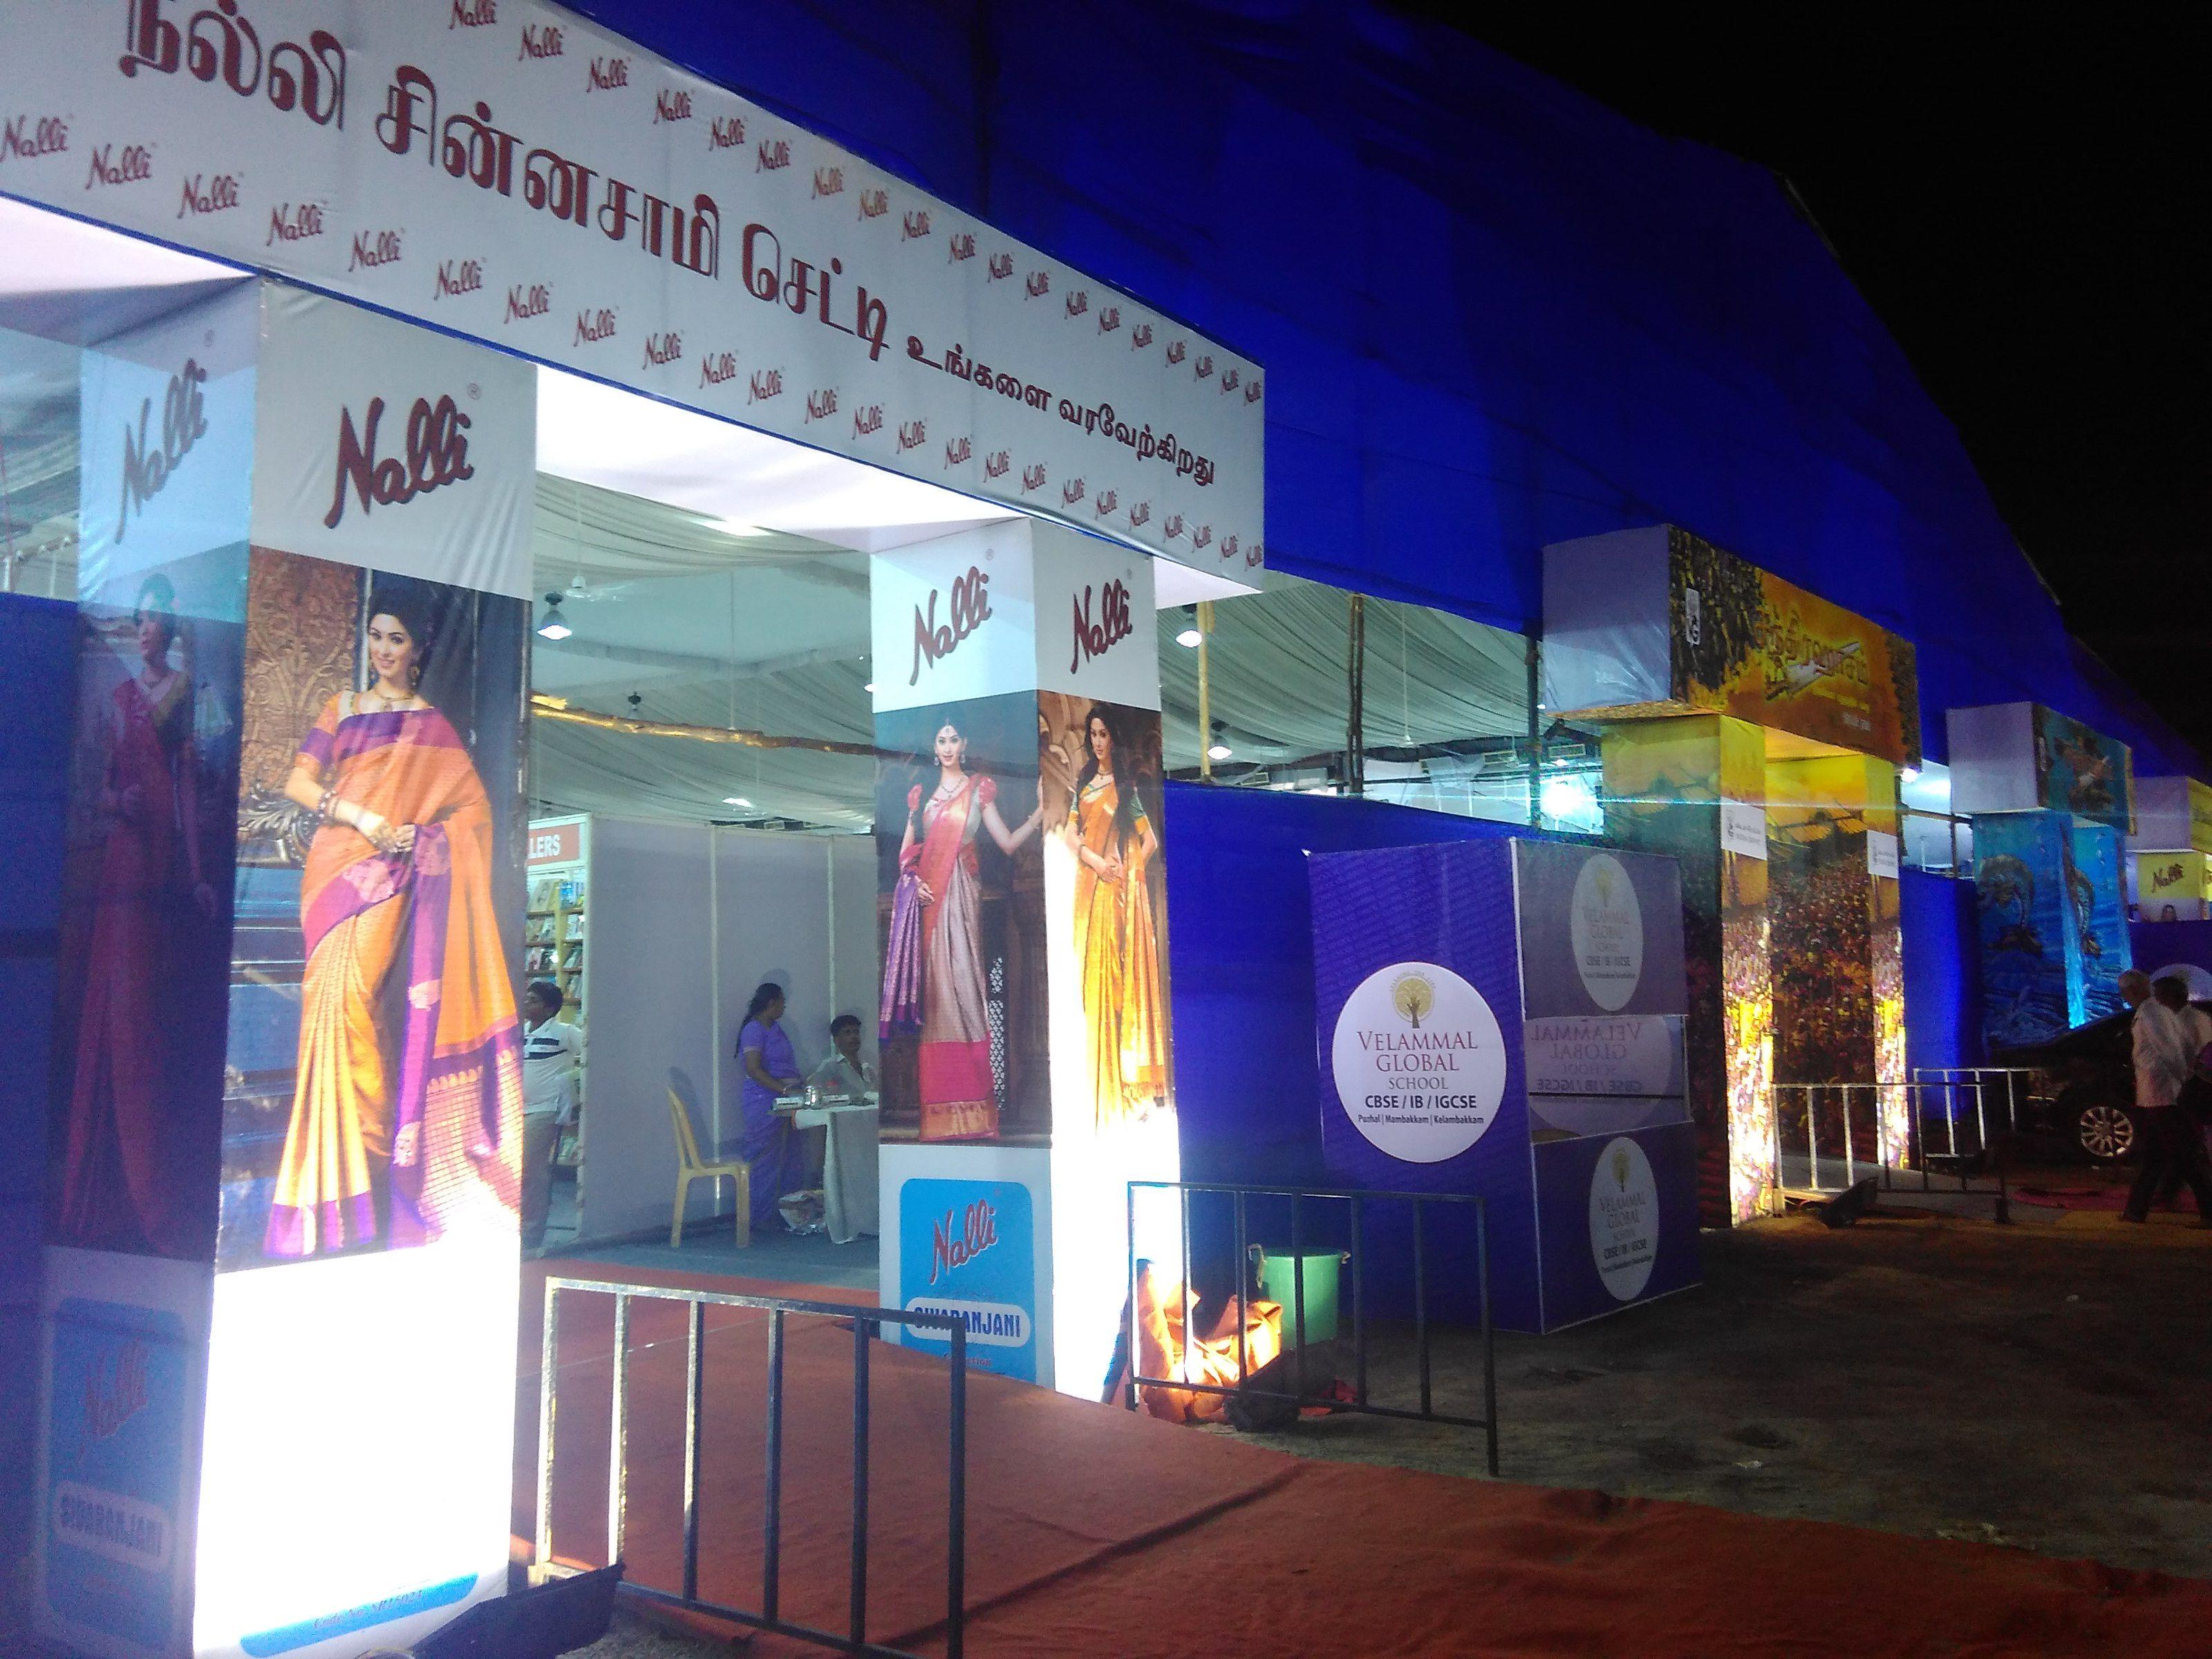 Chennai book fair 2016 (Pongal)